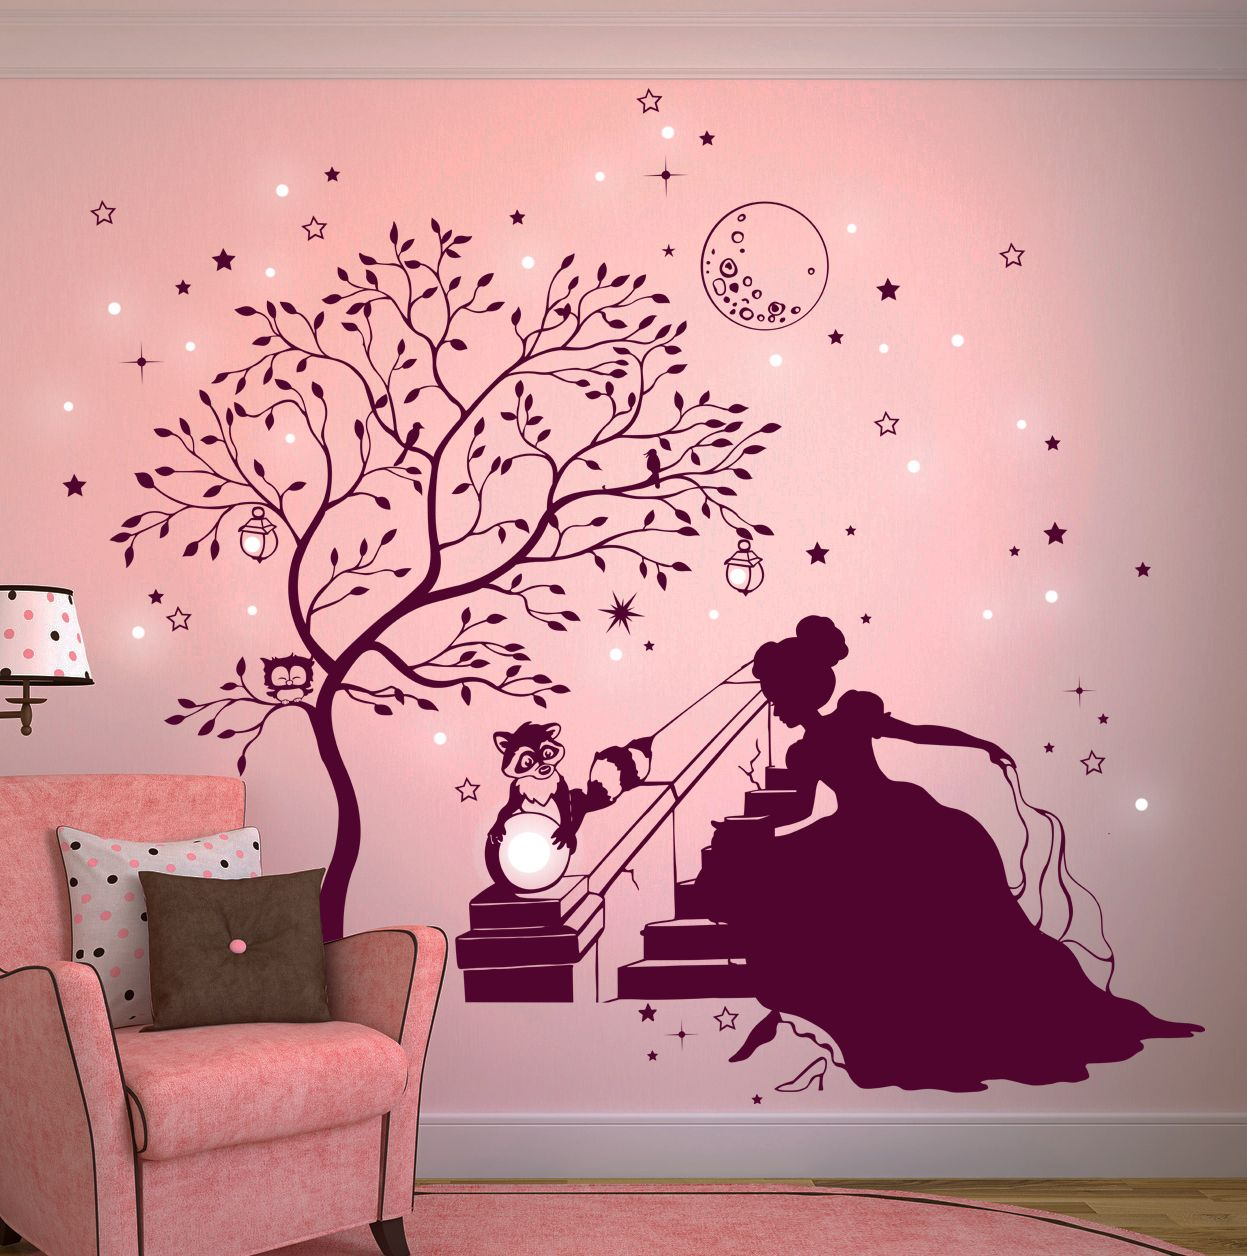 pin von deinewandkunst.de auf wandtattoo bäume | pinterest ... - Kinderzimmer Deko Dawanda